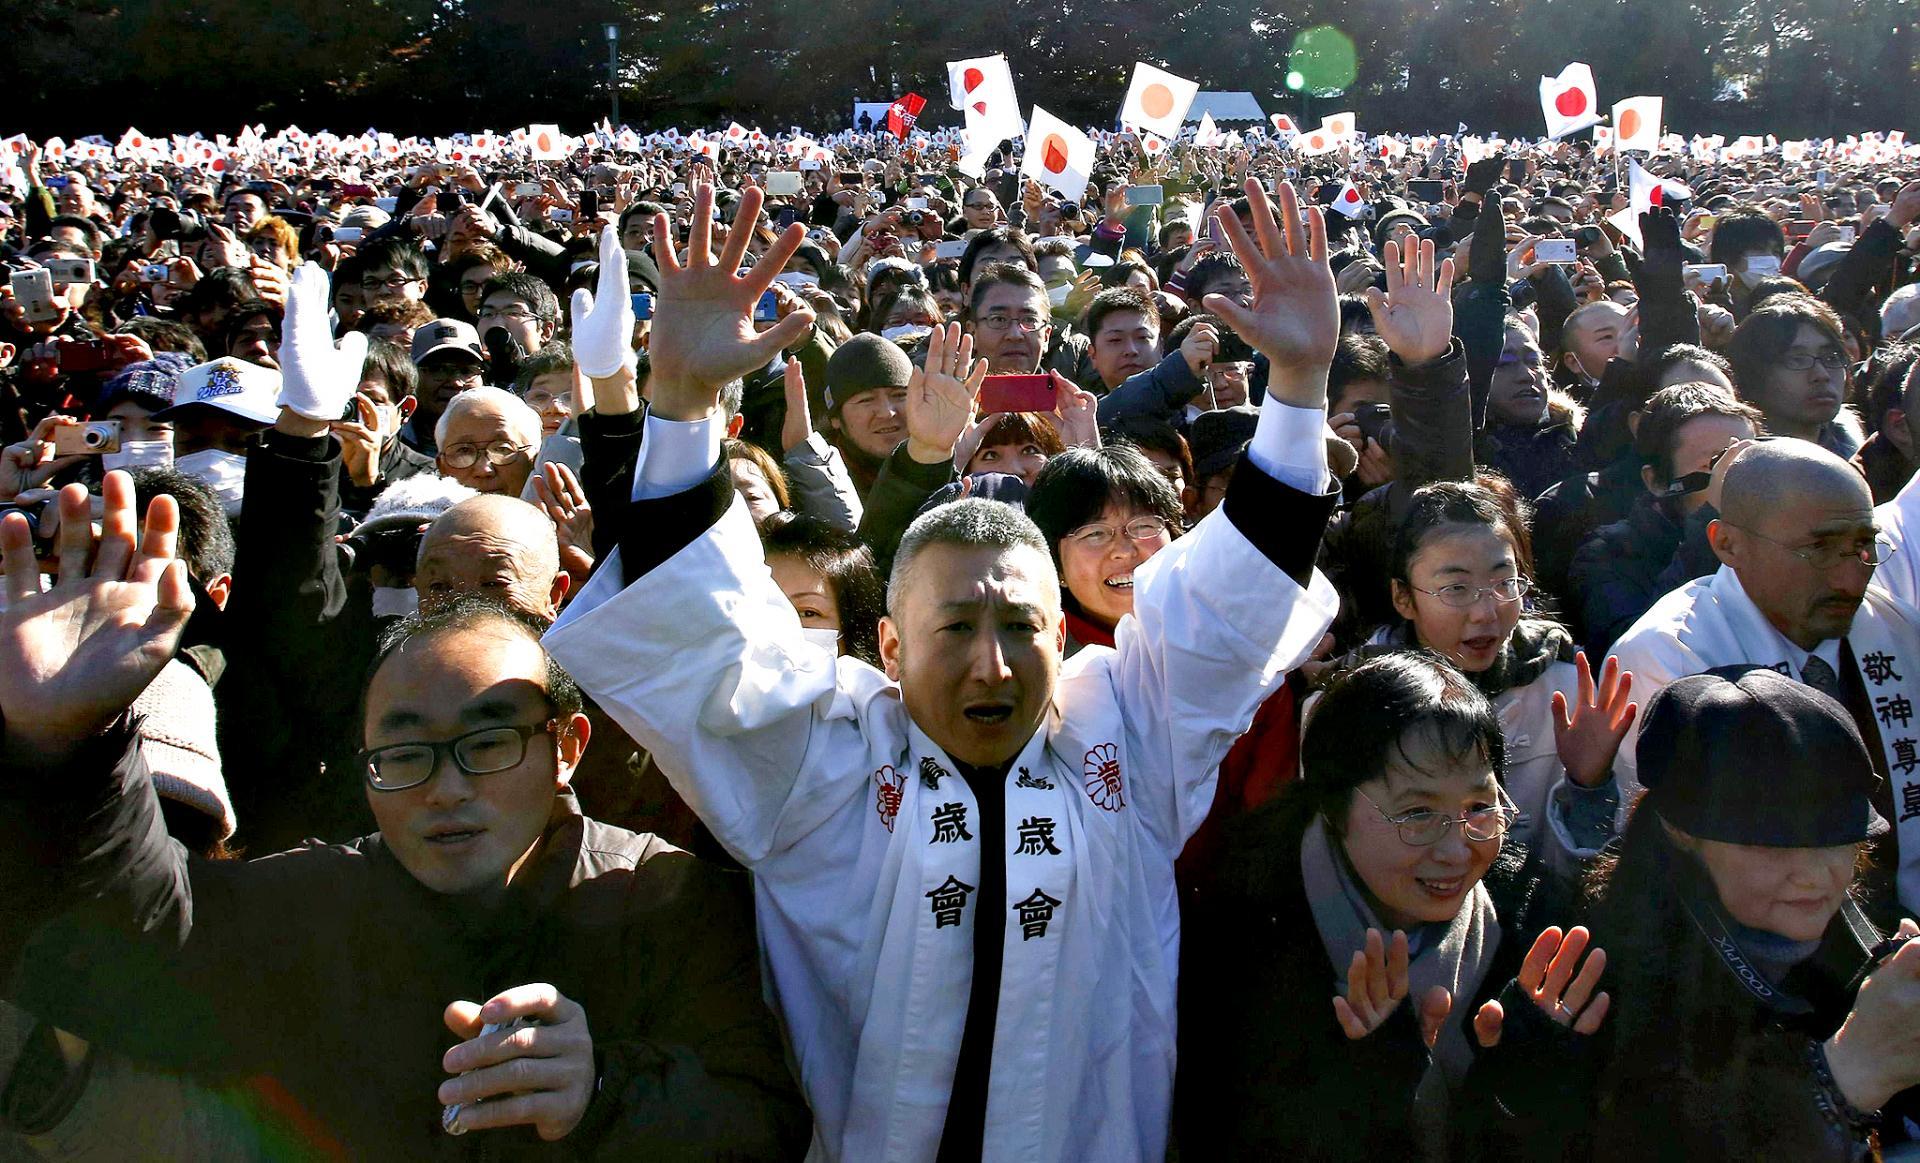 Les japonais acclament la famille imperiale